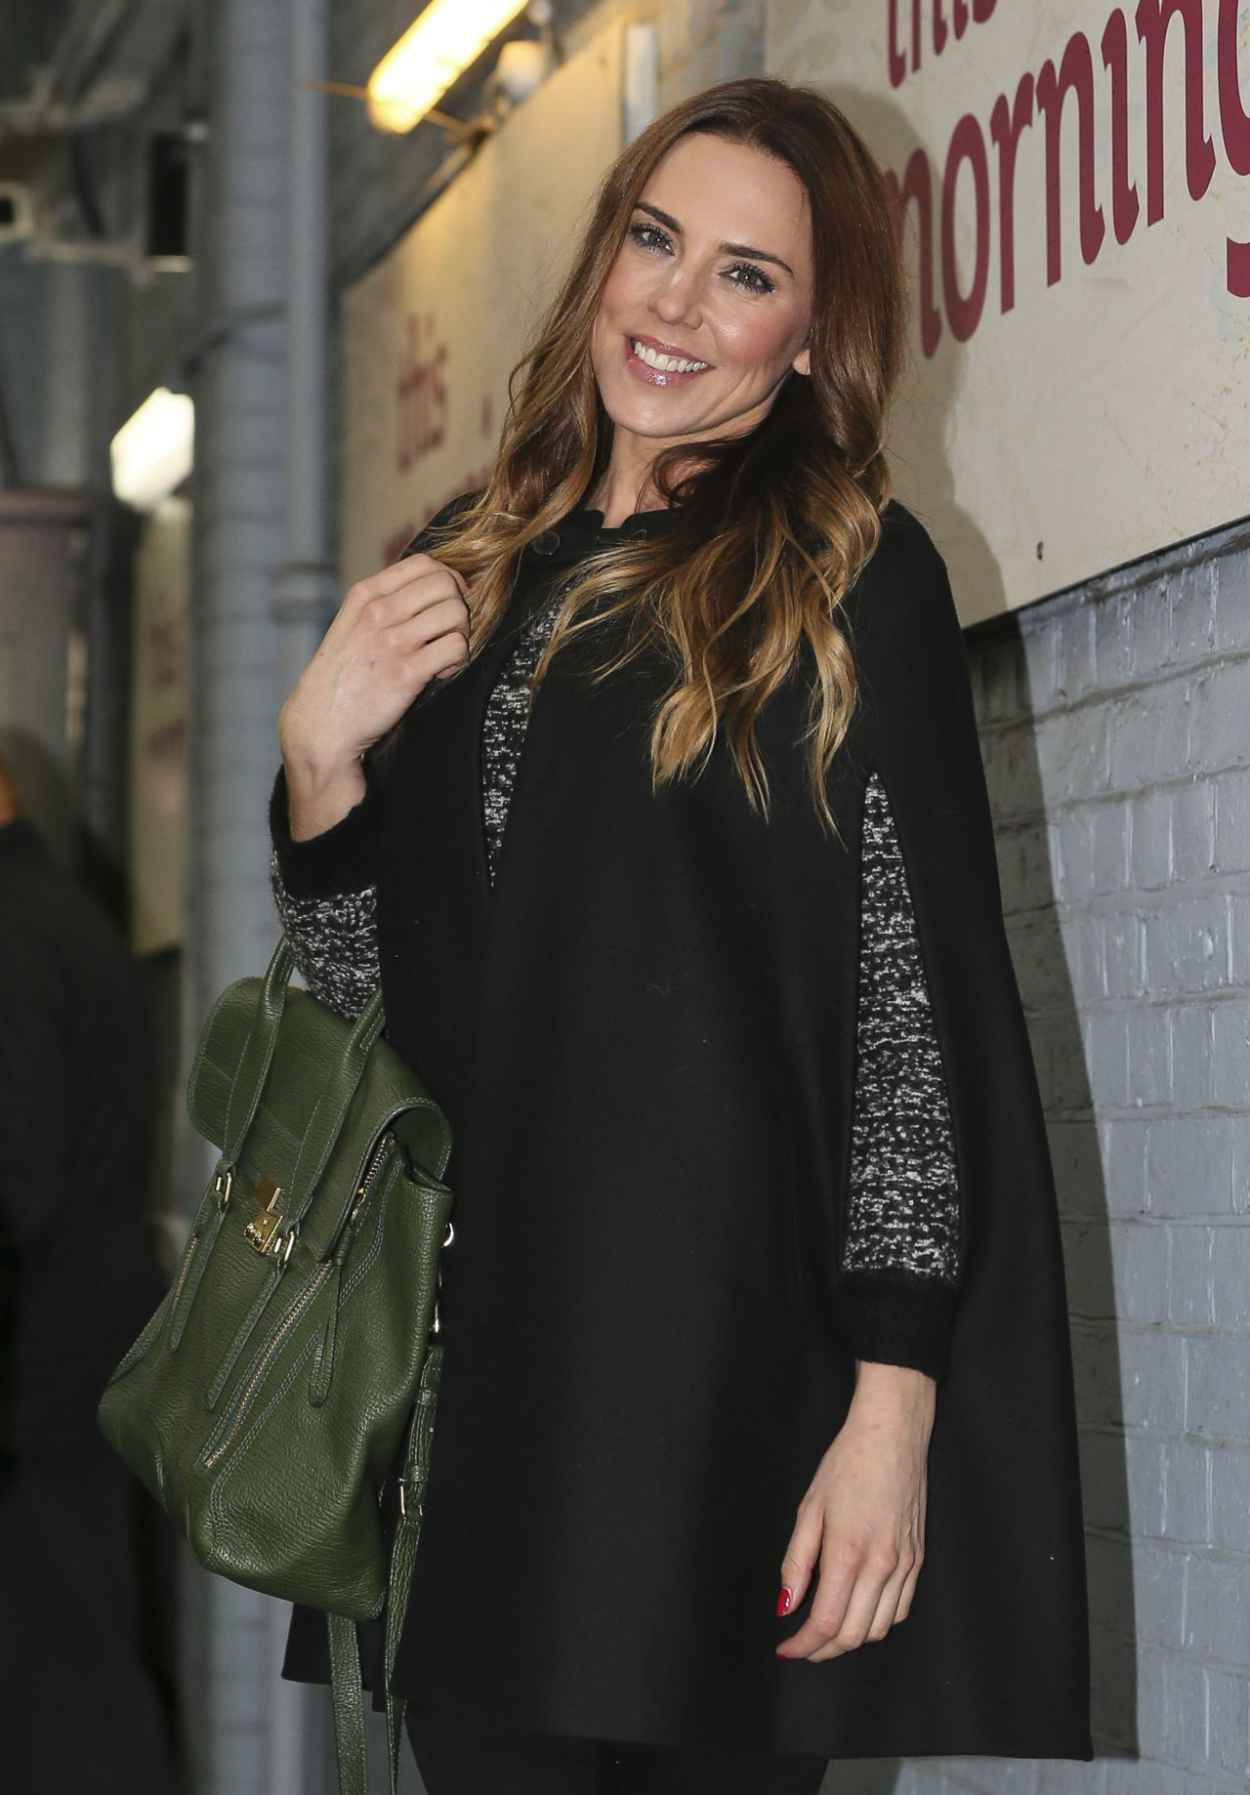 Melanie Chisholm Style - Leaving the ITV studios in London - November 2015-1